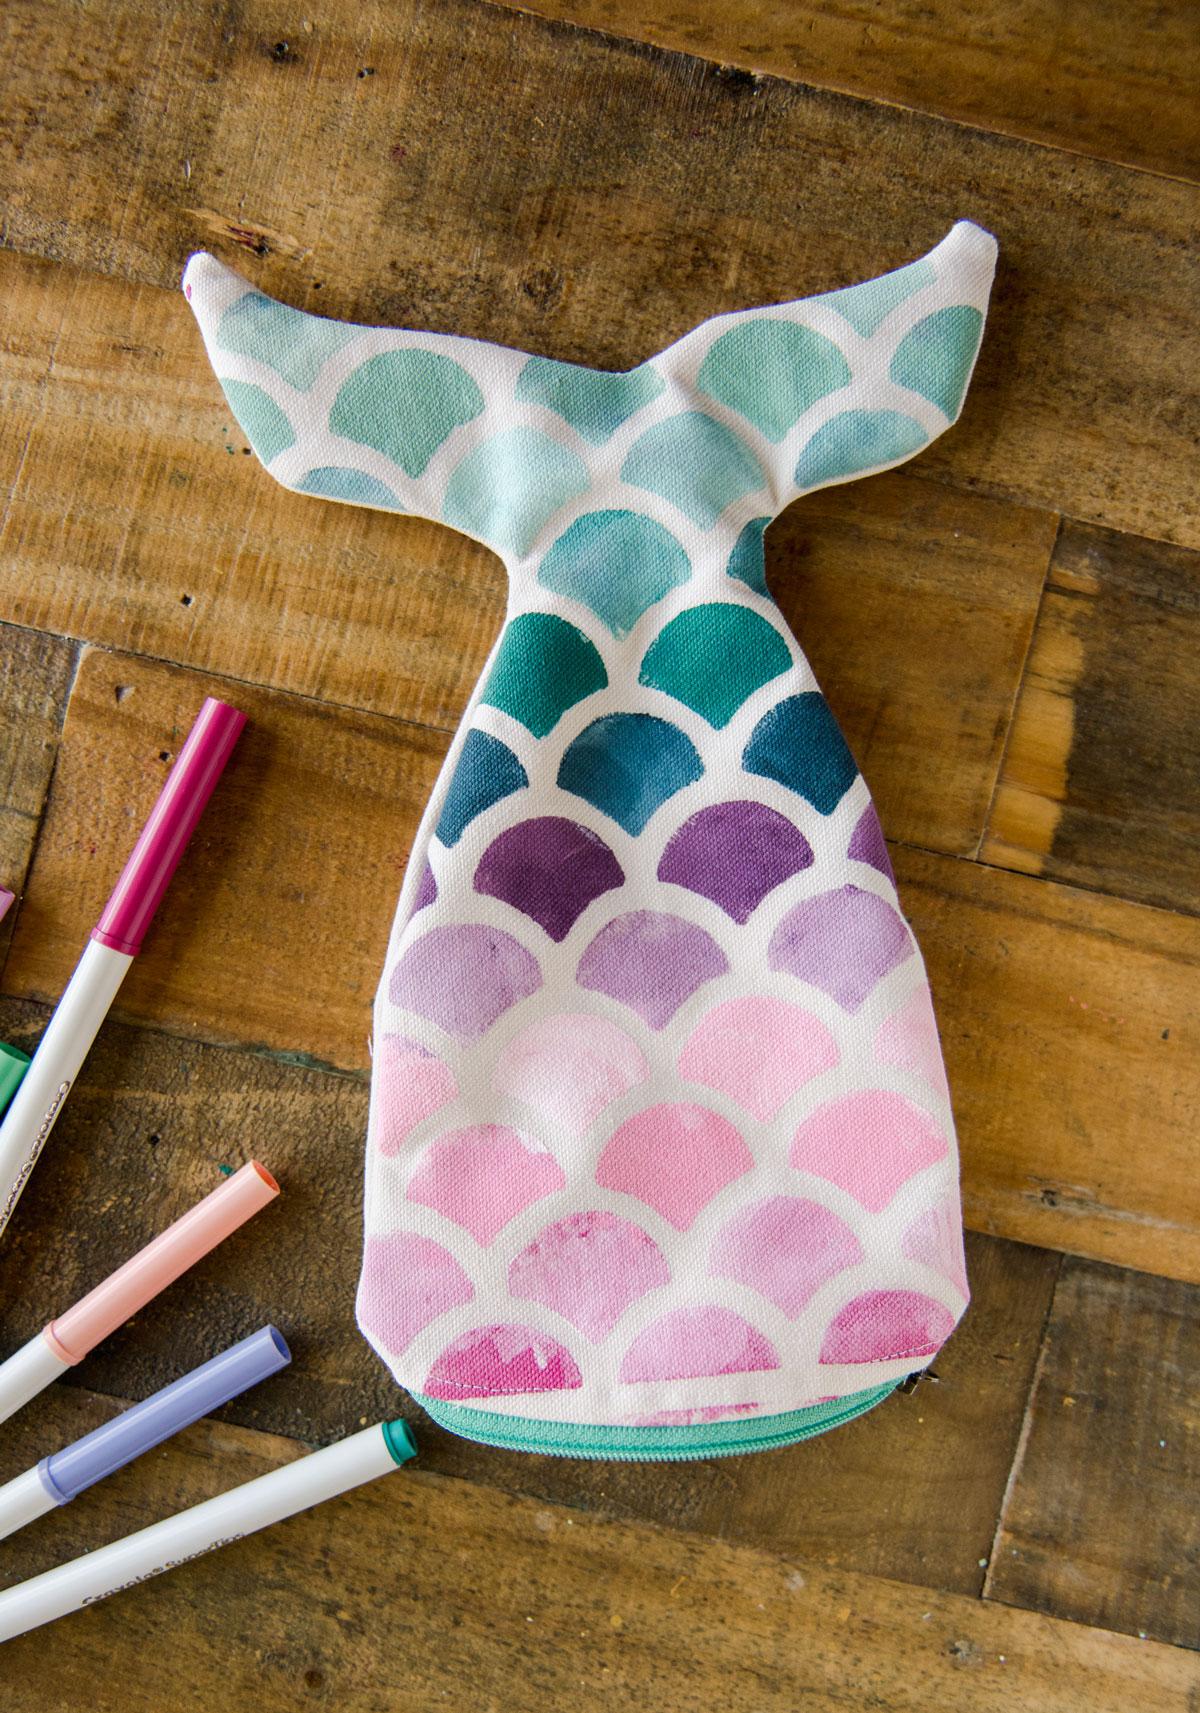 Mermaid zipper pouch, Mermaid pouch DIY, Mermaid cricut project, Mermaid sewing project, mermaid back to school bag, mermaid bag DIY